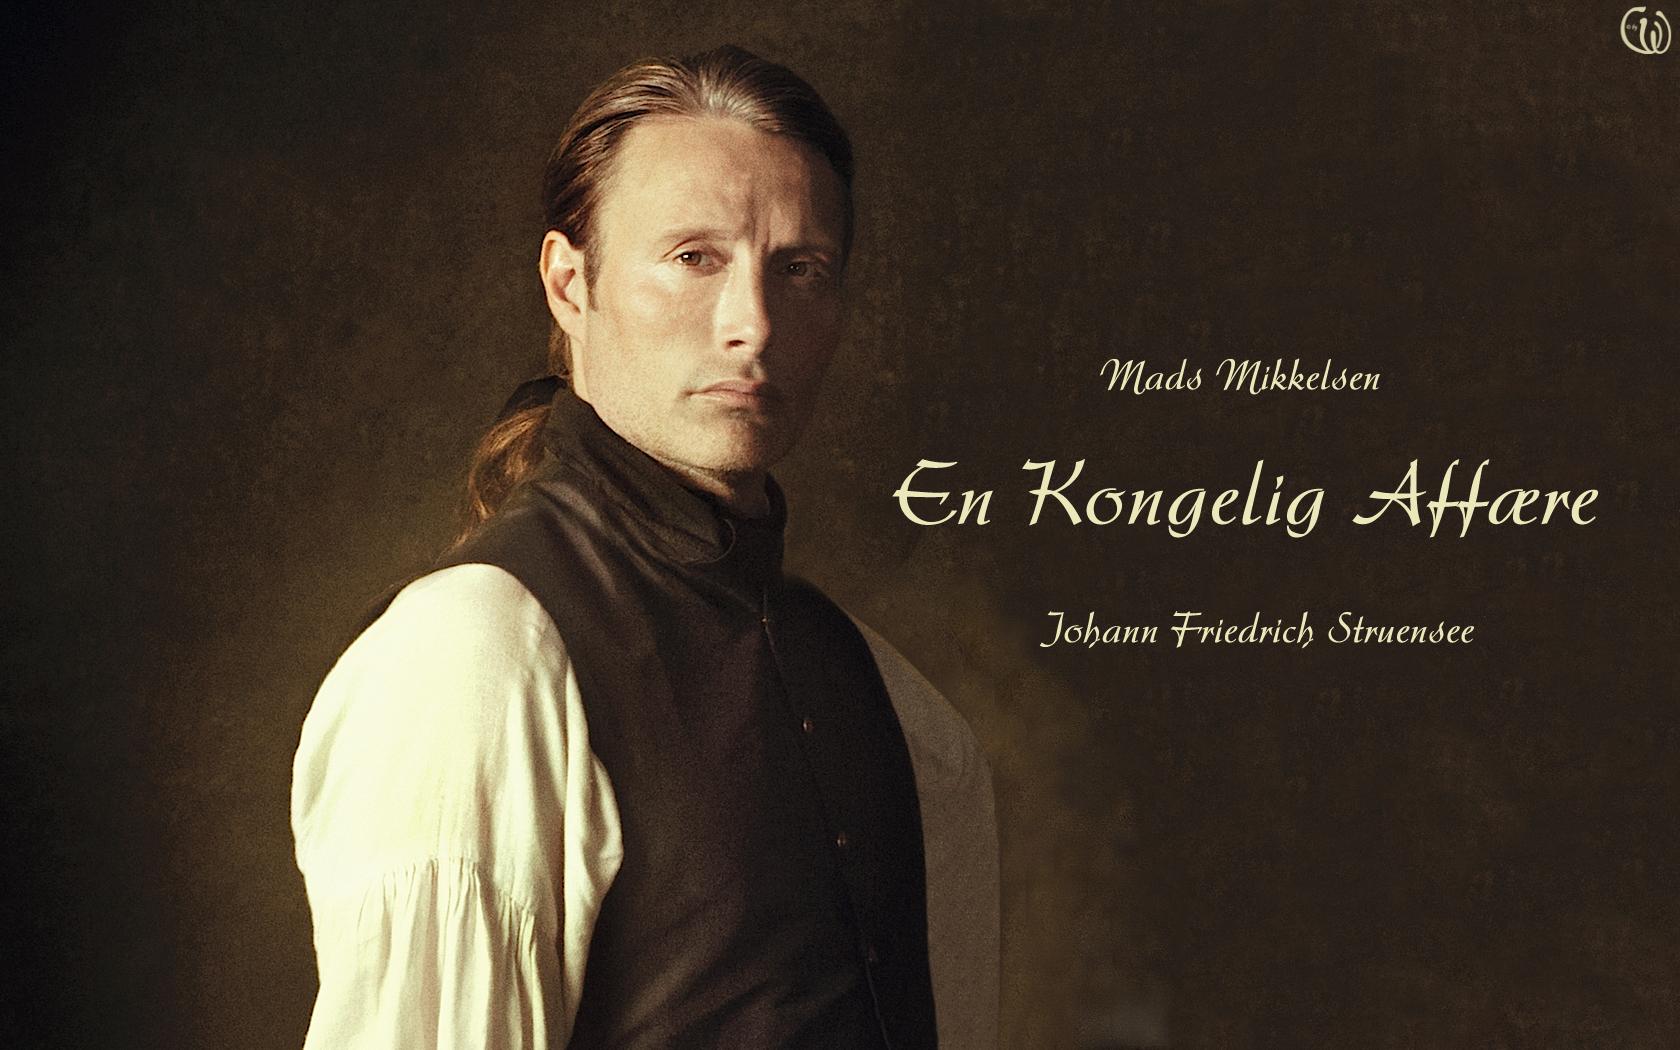 Mads Mikkelsen In A Royal Affair (2012)